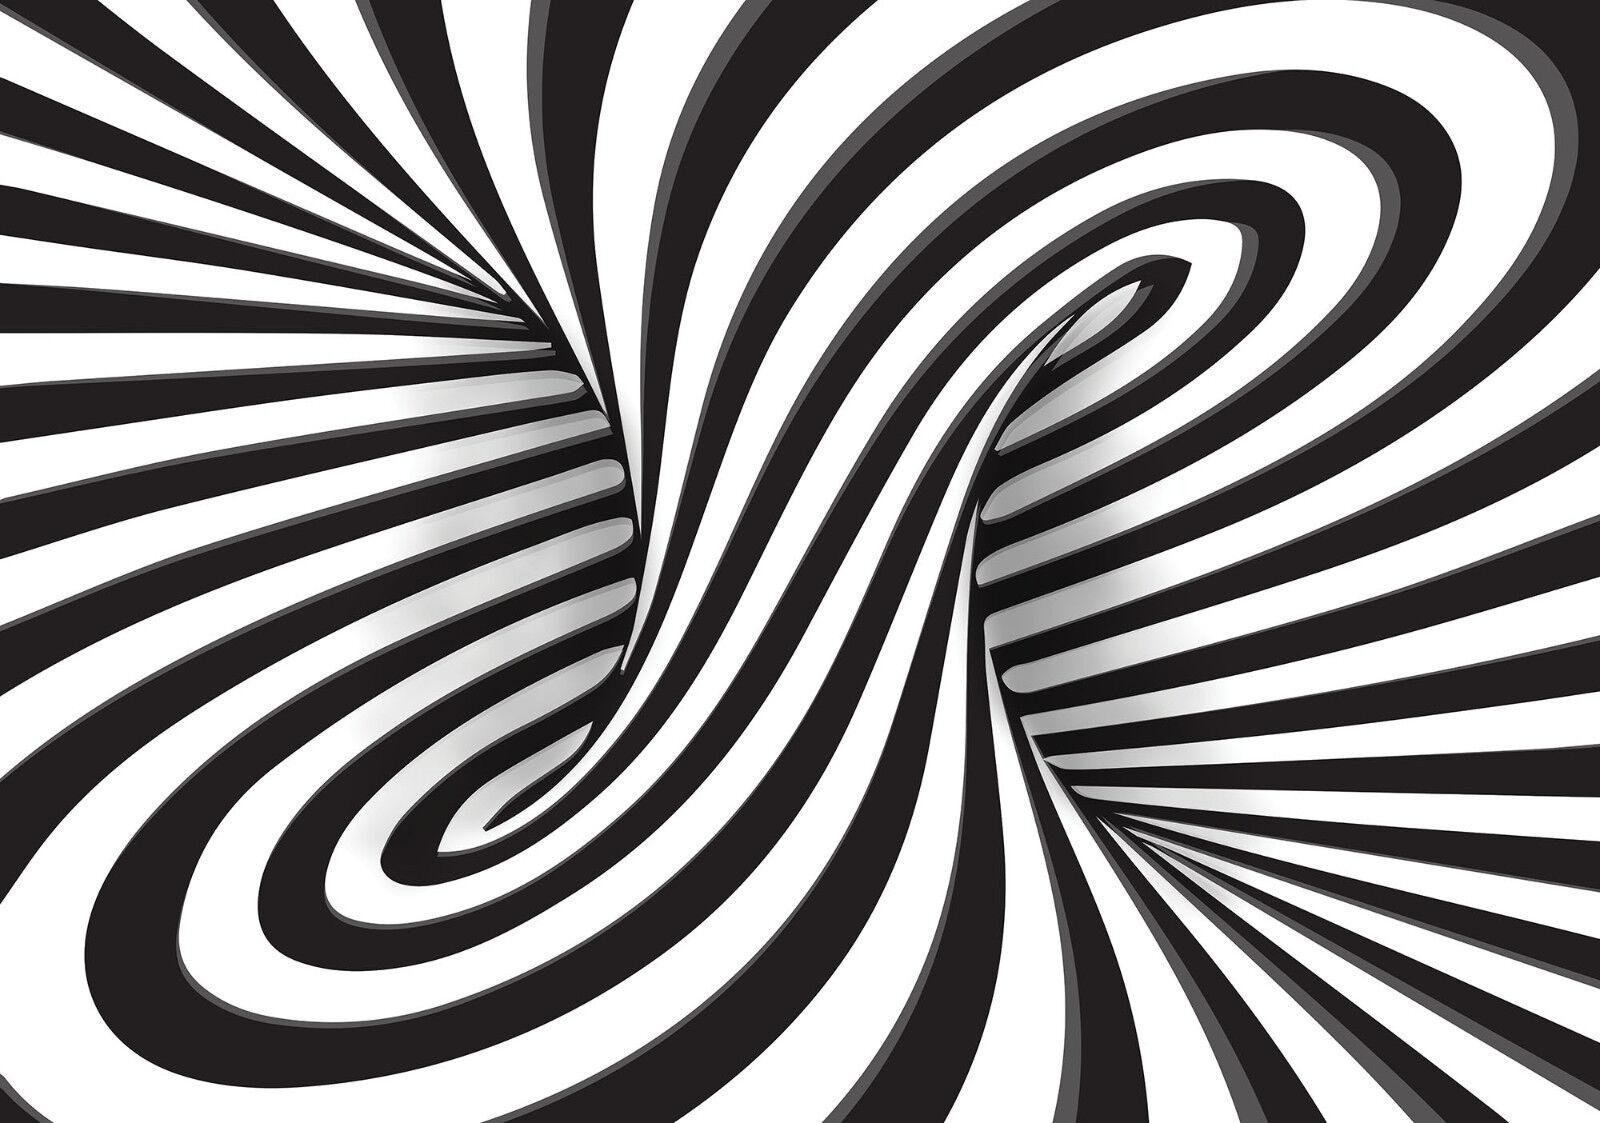 VLIES Fototapete-3D DESIGN-(10204)-Abstrakt Spirale Fantasie Deco Schwarz-Weiß